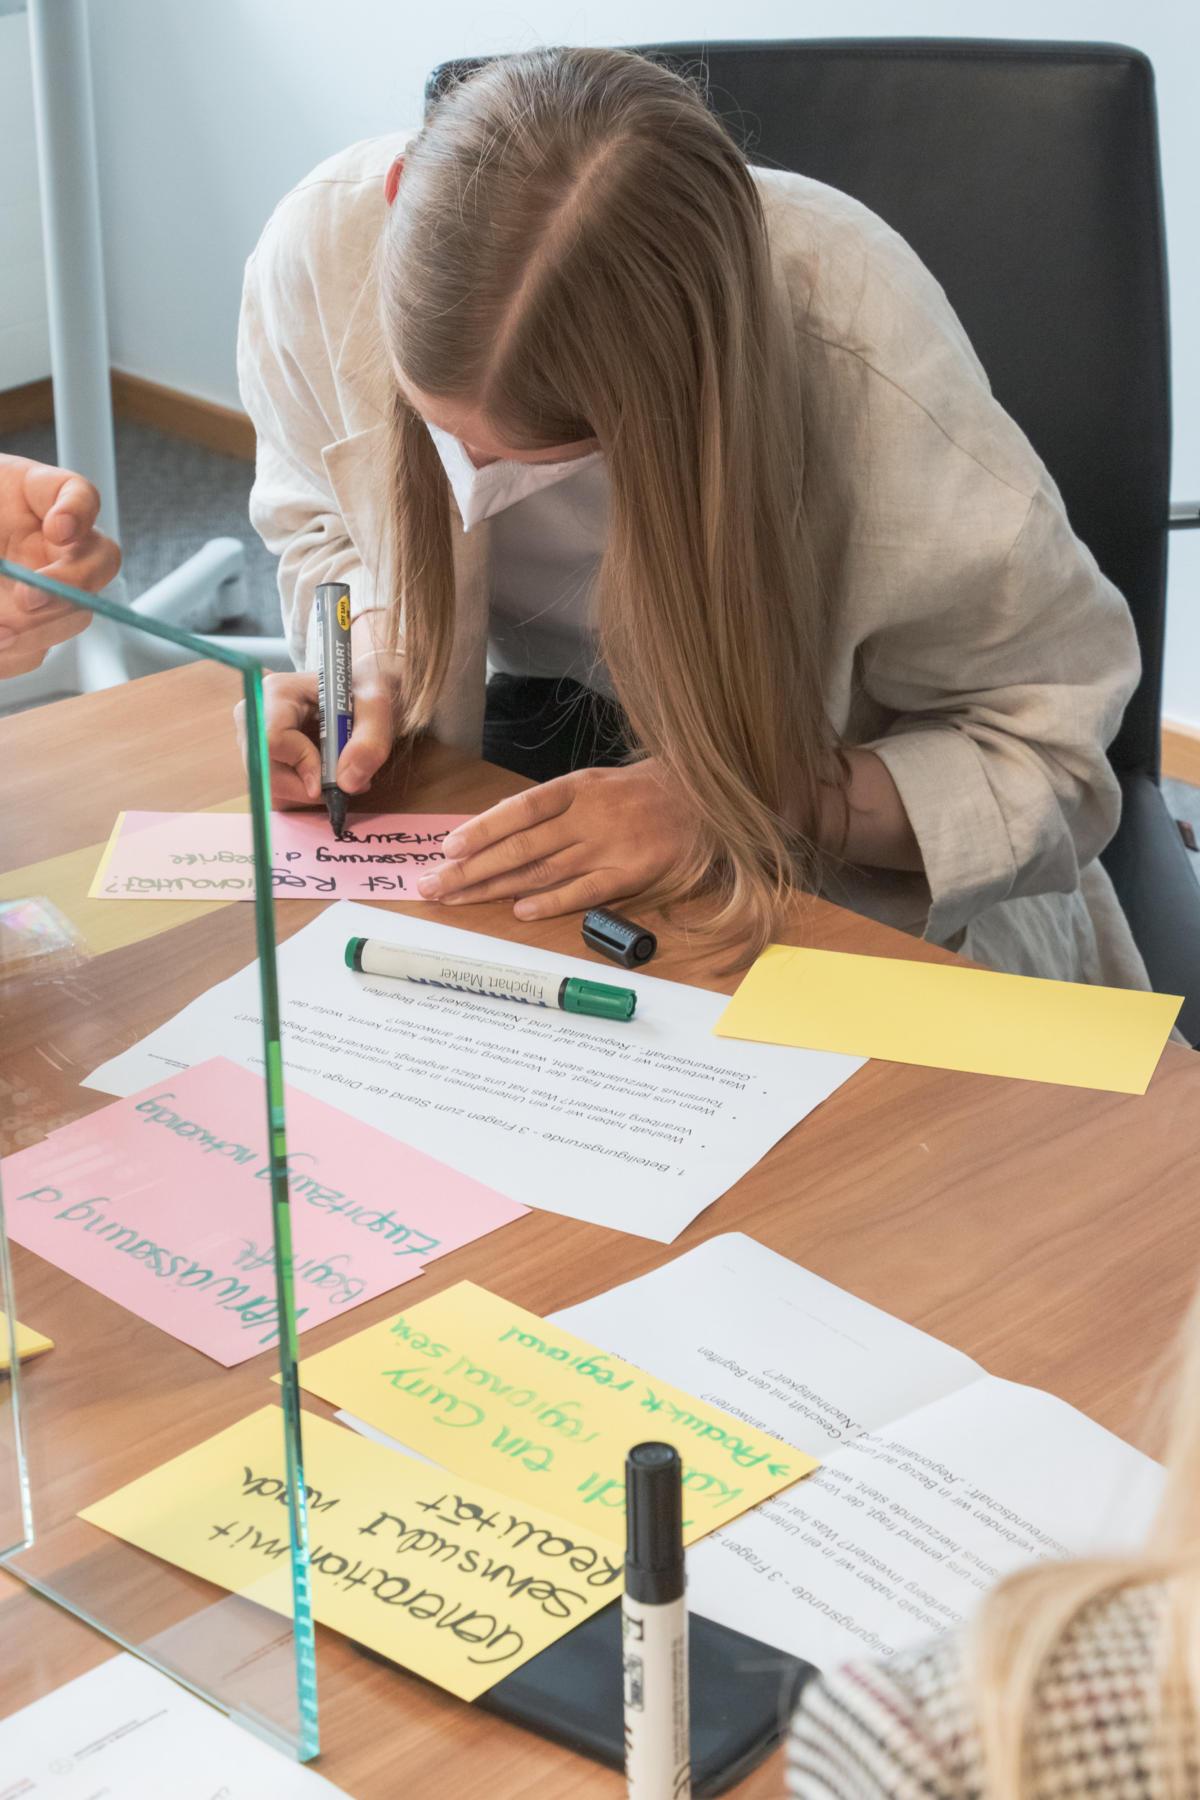 vorarlberg tourismus workshop 8 1200x1800 - Spannende Fokusgruppen und Fach-Workshops zur Evaluierung der bisherigen Tourismusstrategie